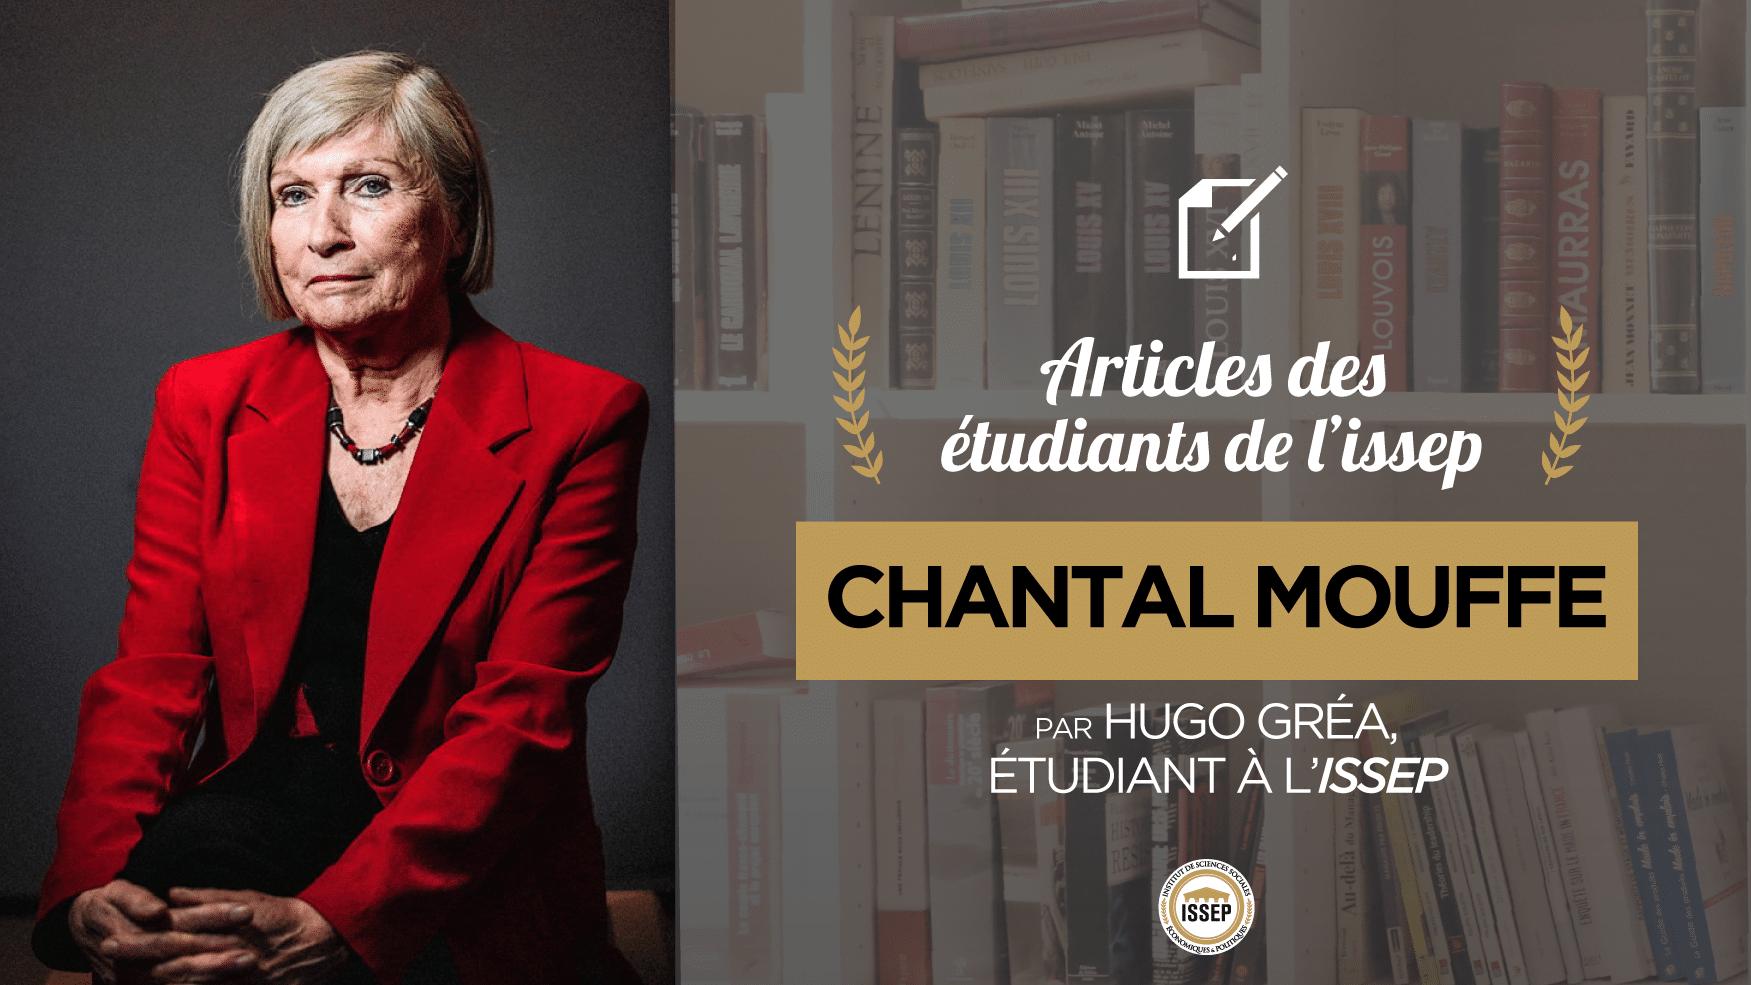 Articles des étudiants : Chantal Mouffe, par Hugo Gréa, étudiant en Bac+4 à l'ISSEP